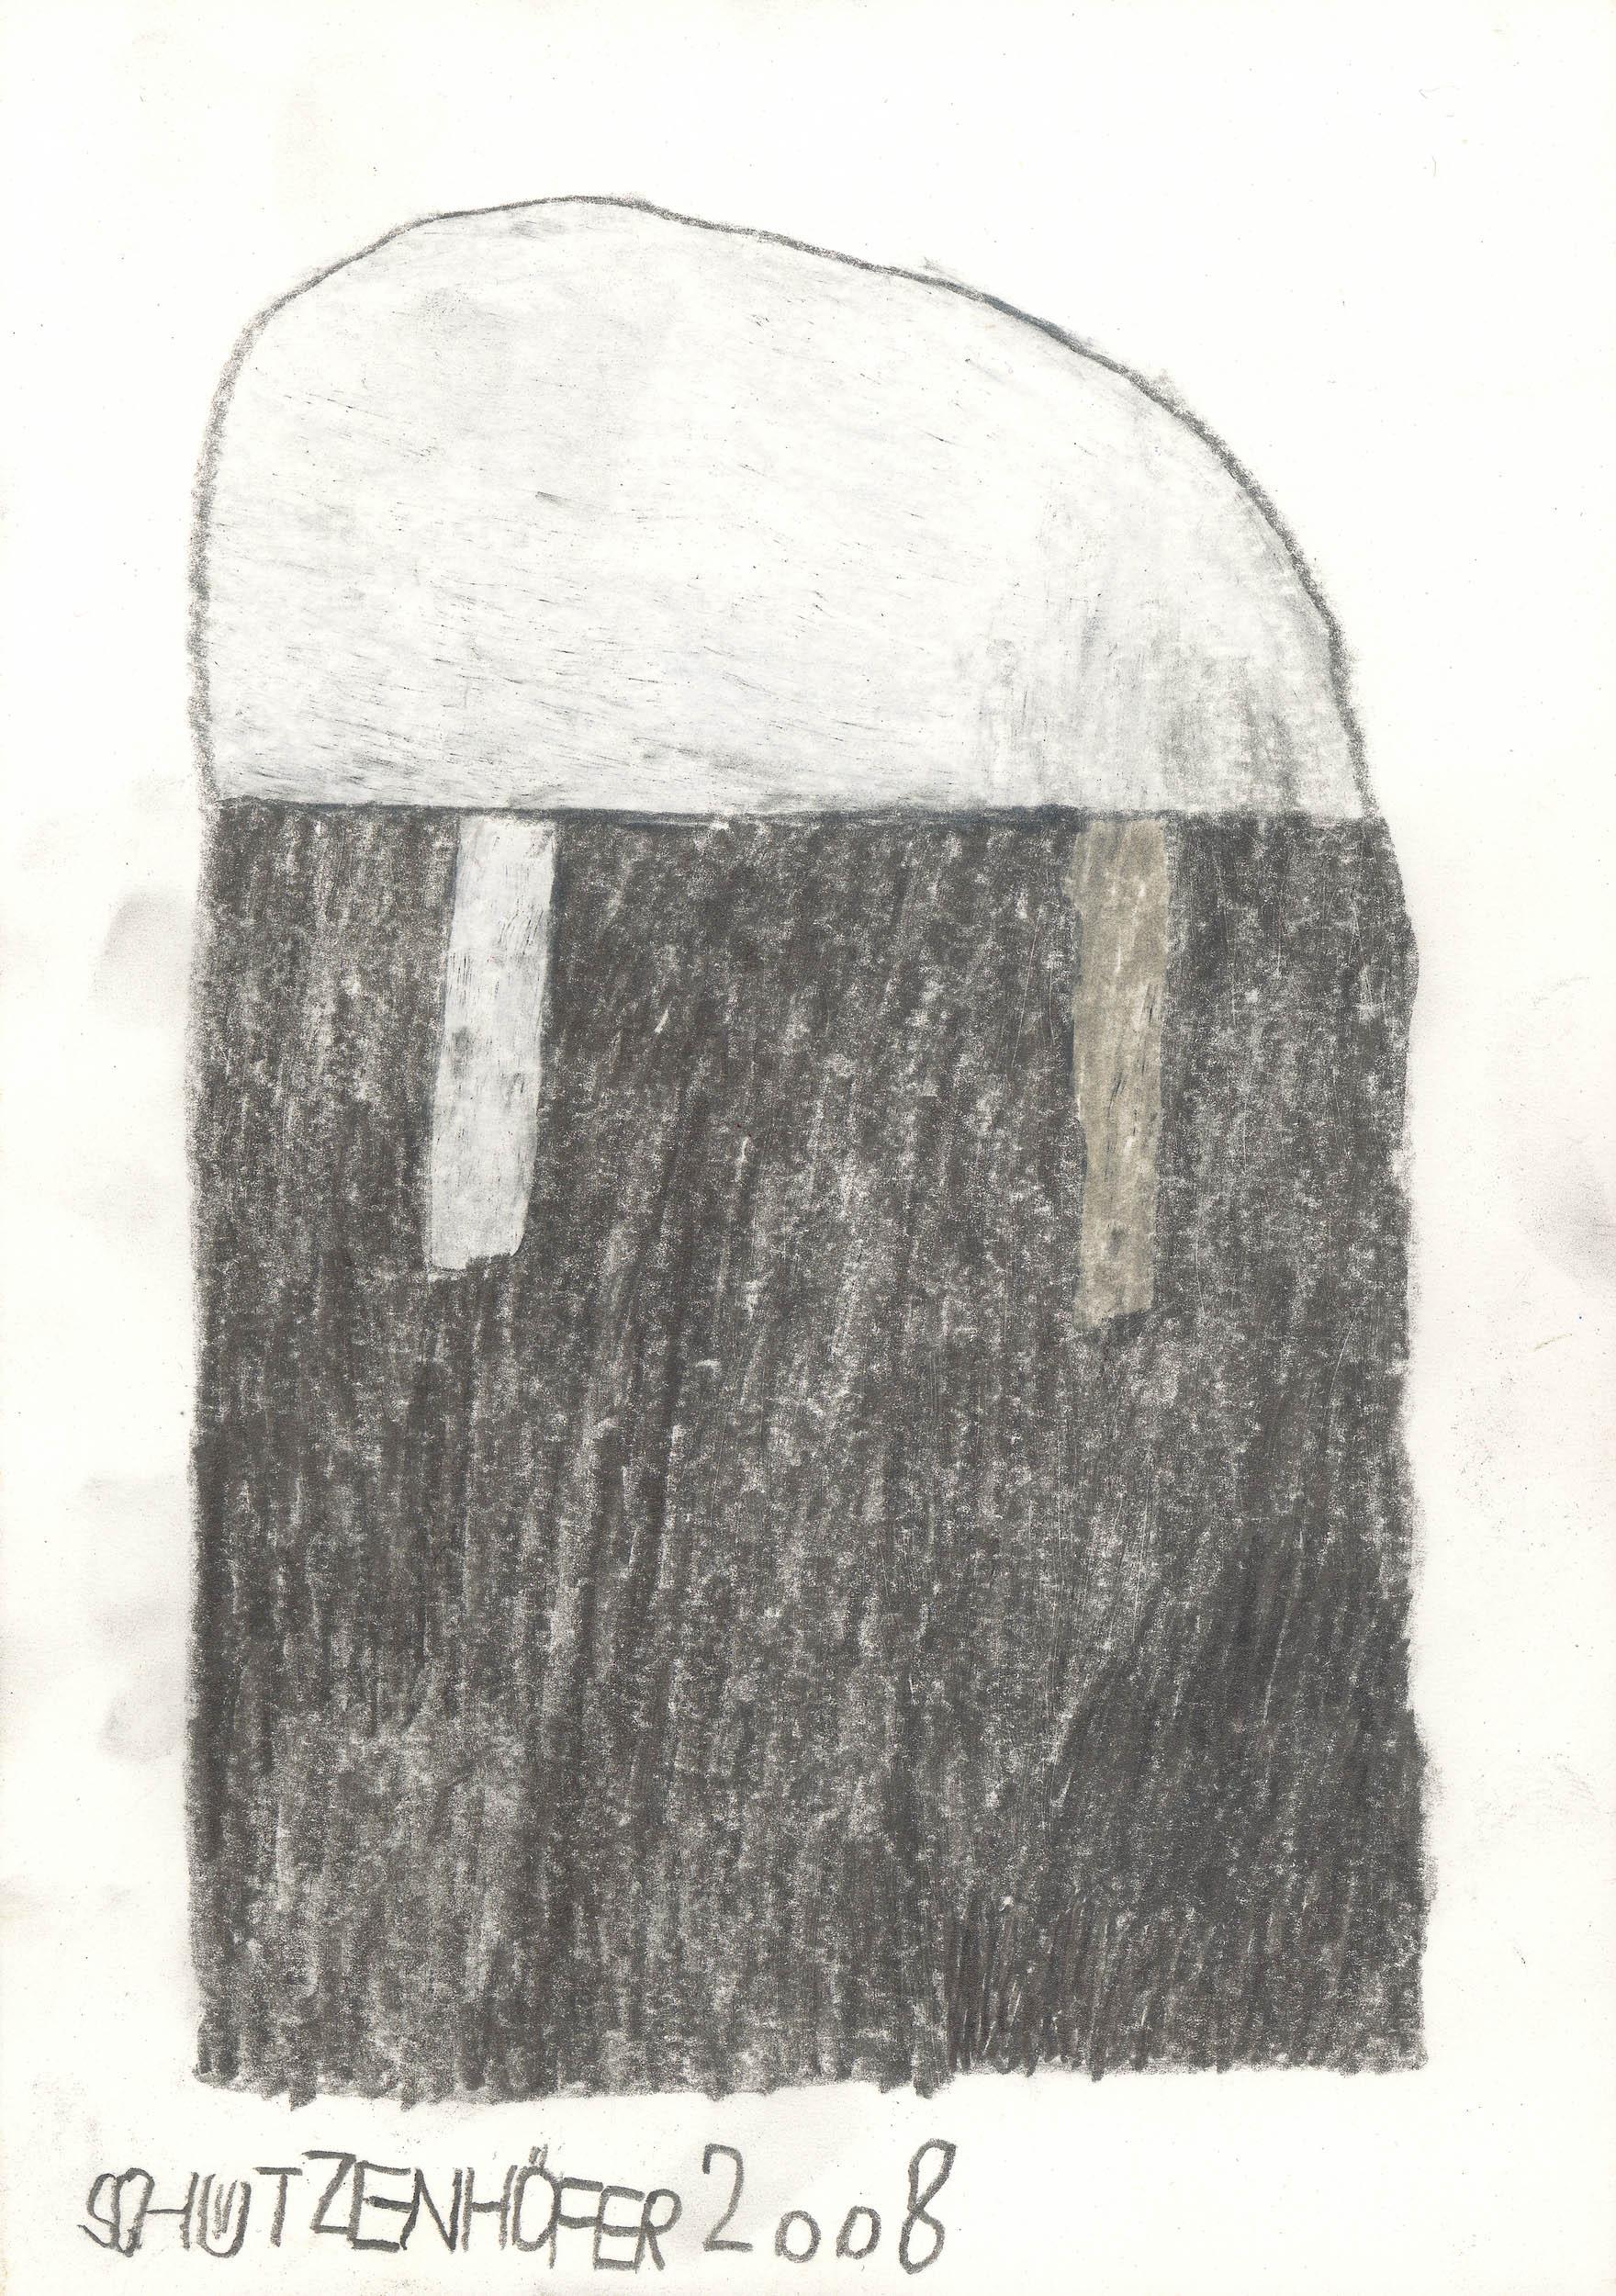 schützenhöfer günther - Eine Tasche / A bag